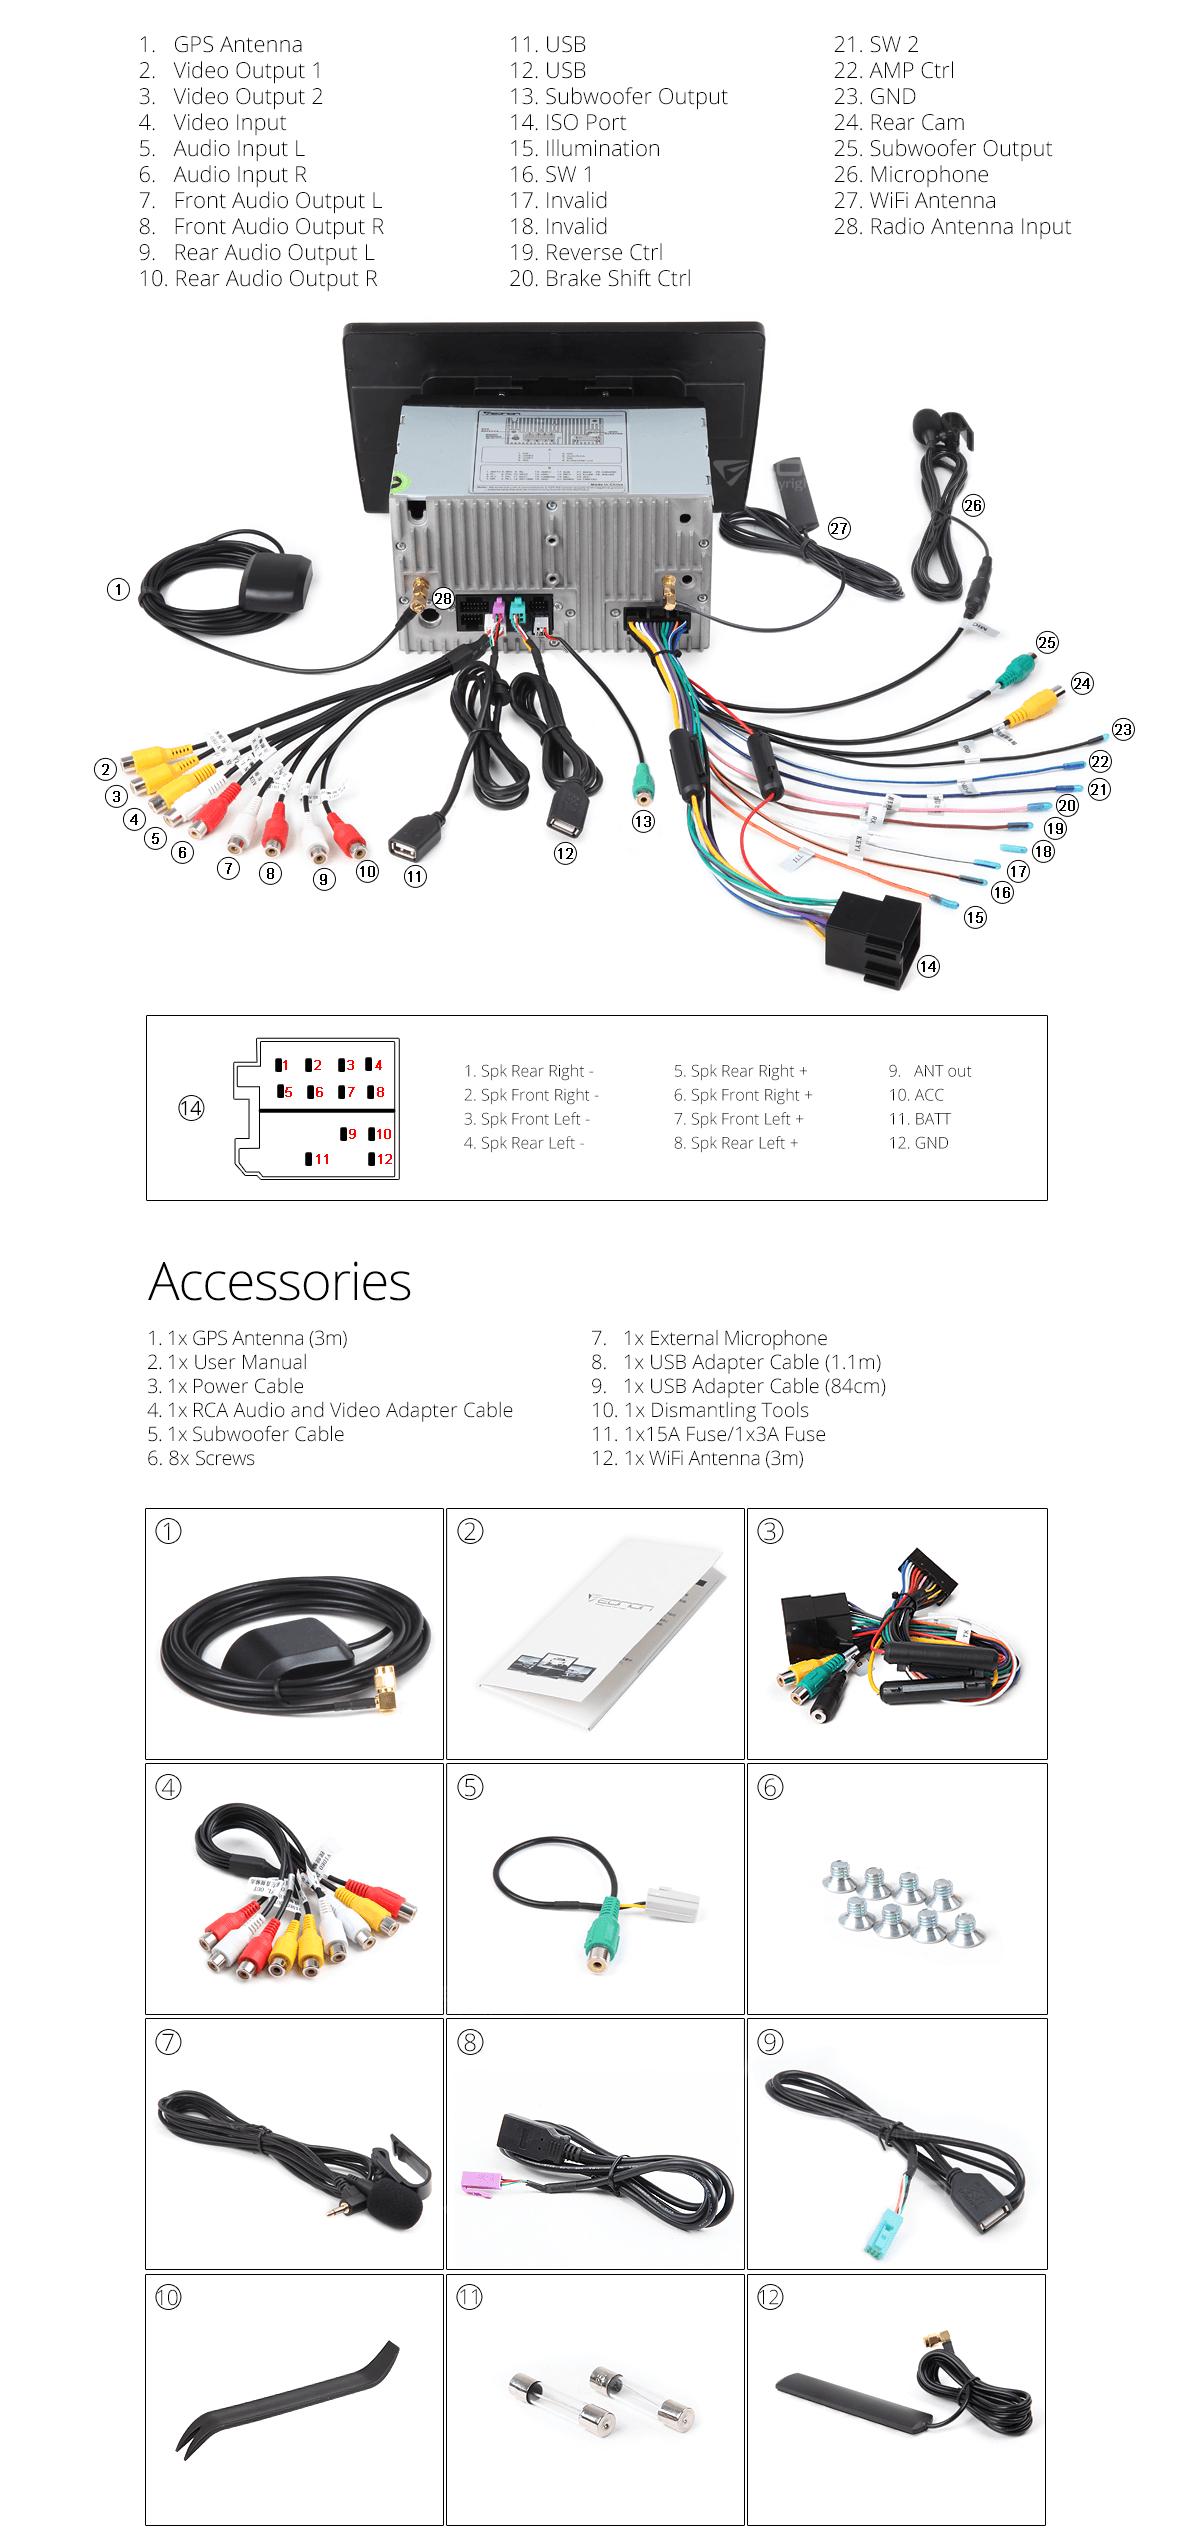 Eonon Wiring Schematic | Manual E-Books - Eonon Wiring Diagram